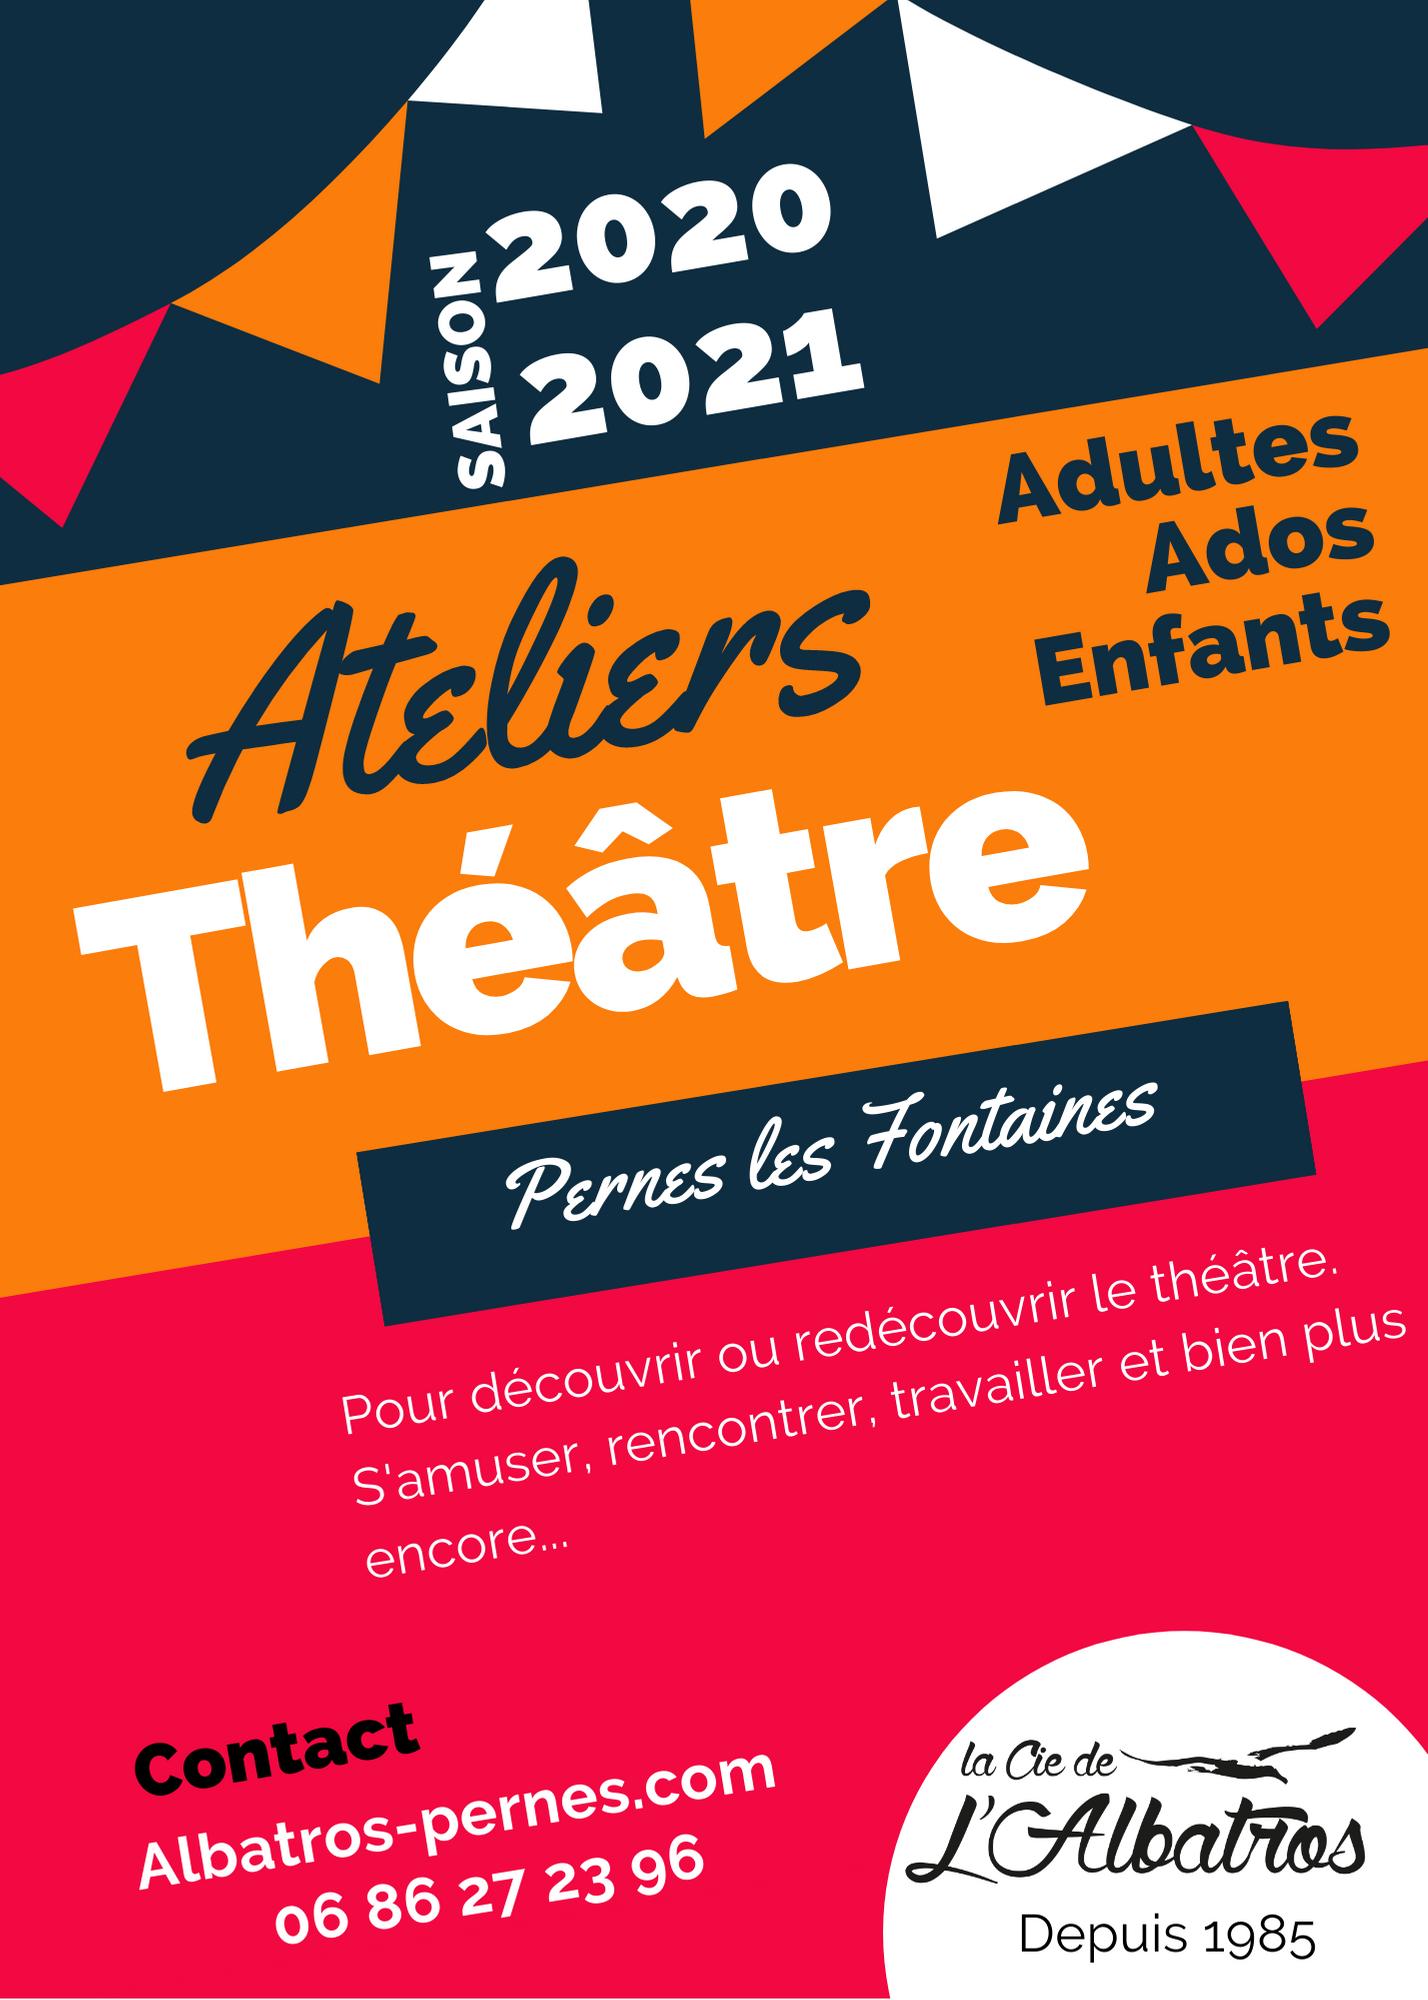 Flyer A5 ateliers théâtre 2020-2021